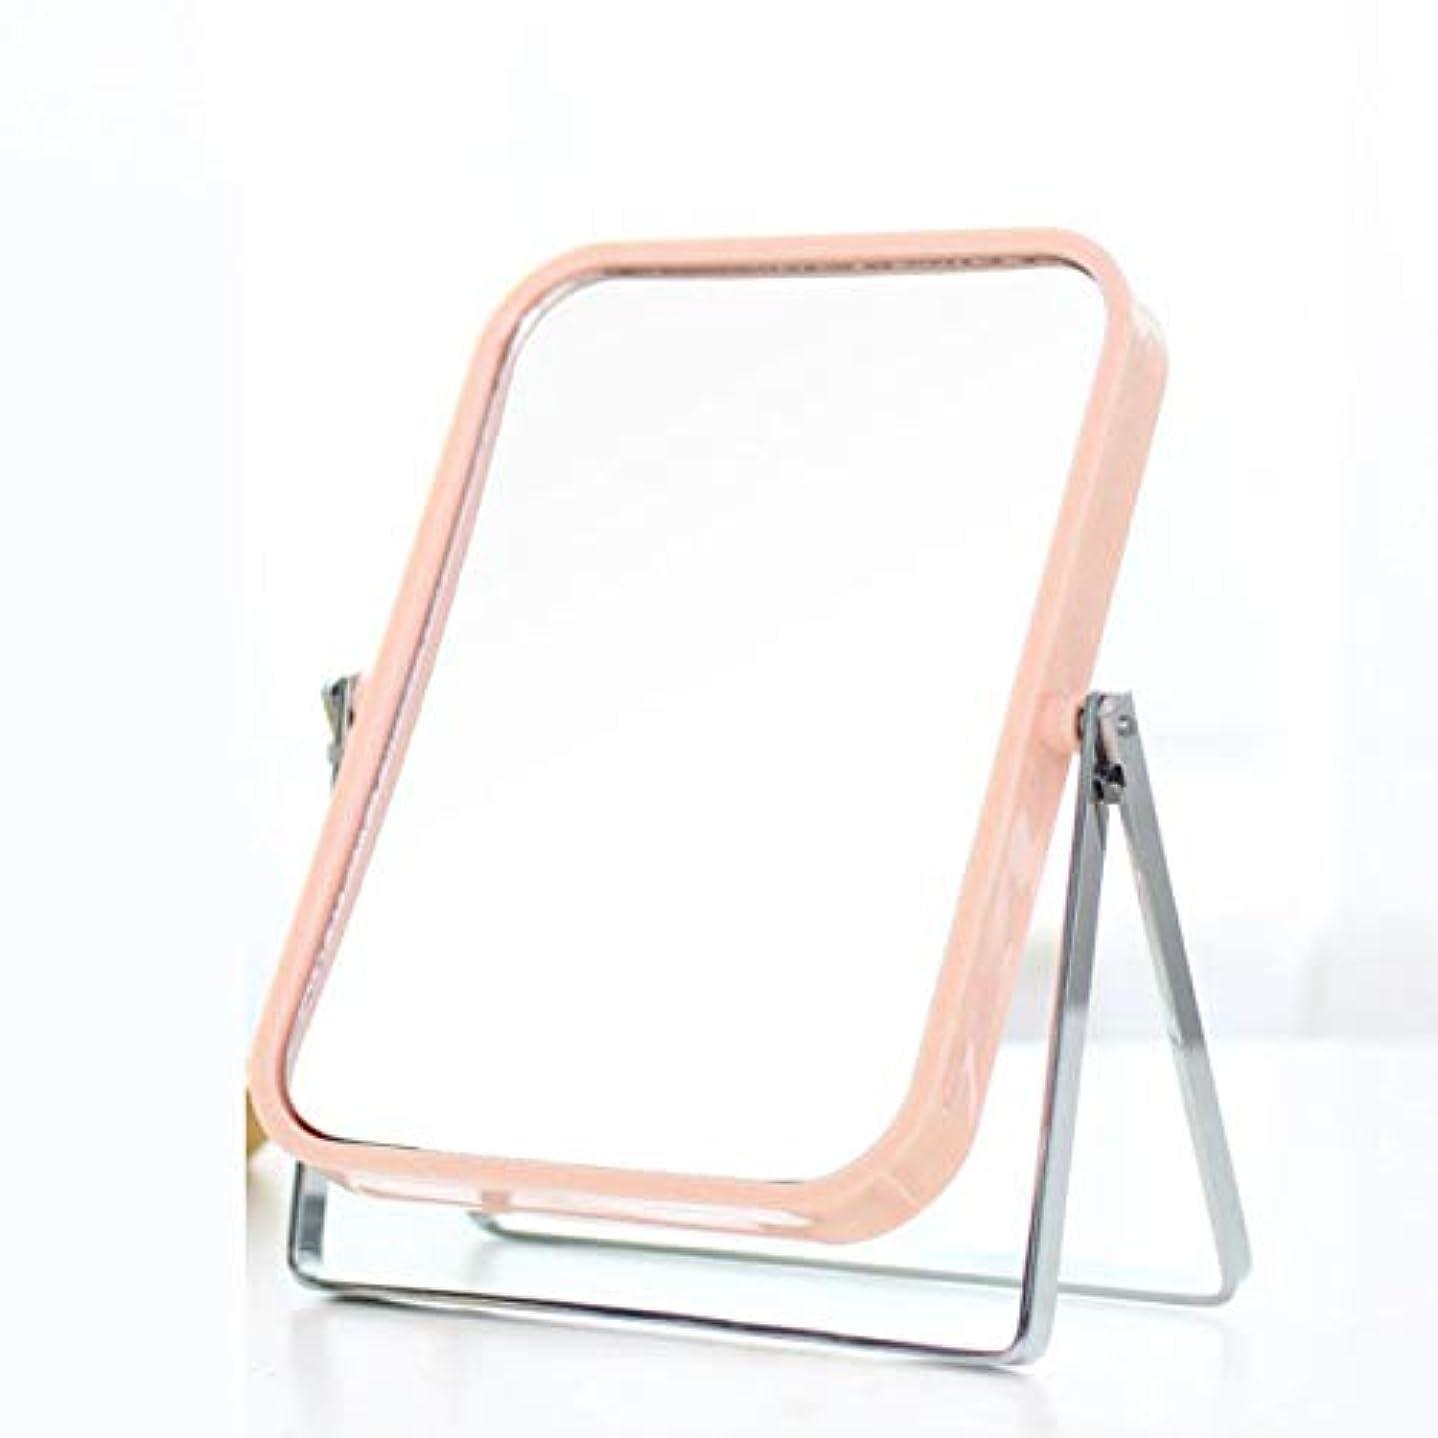 追い付く遠いヒロイン化粧鏡、シンプルな長方形の両面化粧鏡の化粧ギフト (Color : ピンク)